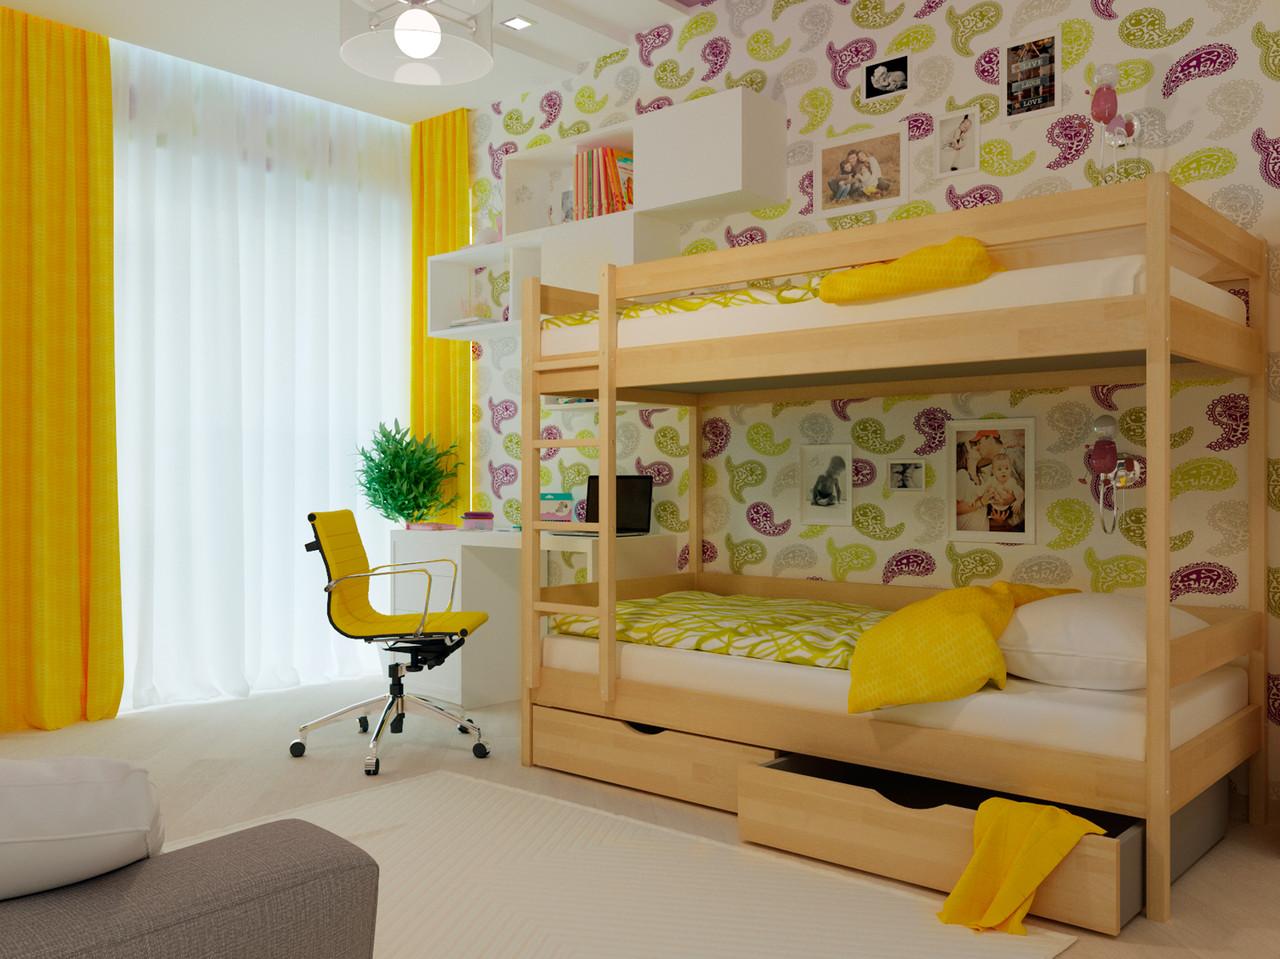 Ліжко двоярусне в дитячу кімнату з дерева Твікс (бук) 80*190 Неомеблі